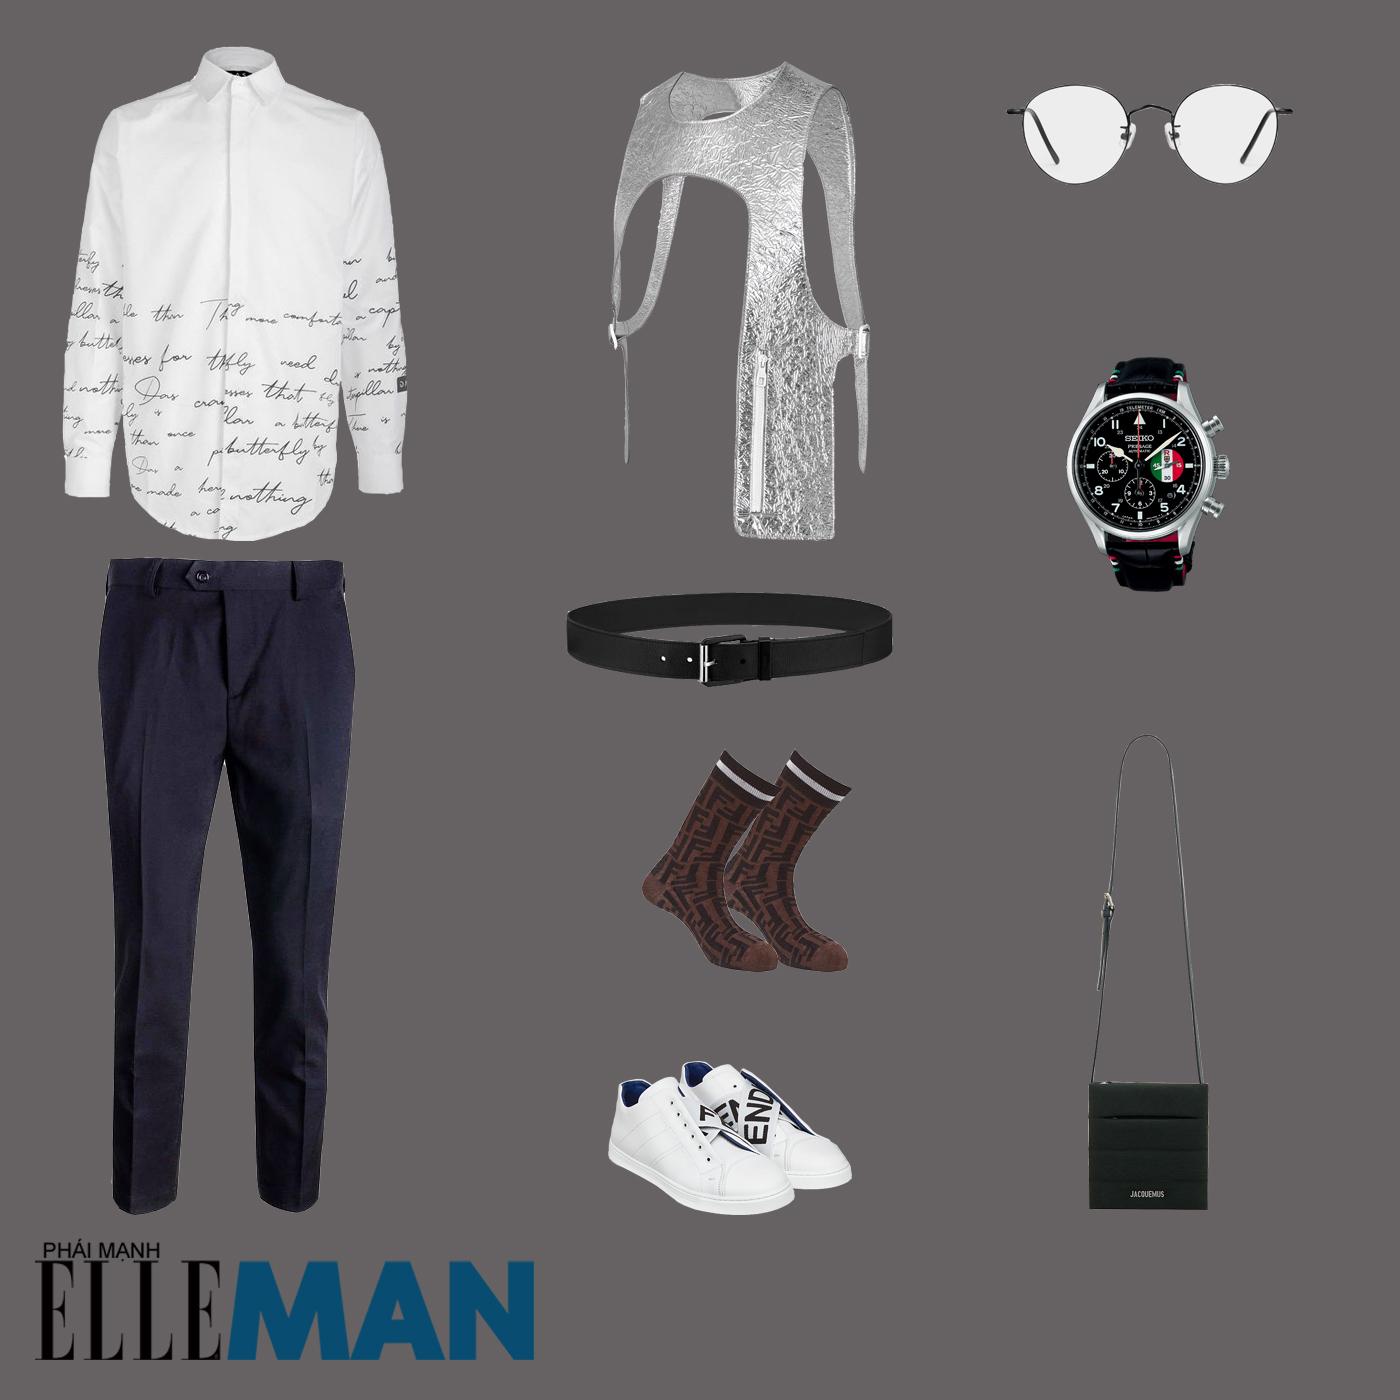 outfit 3 - phối đồ với giày sneakers trắng